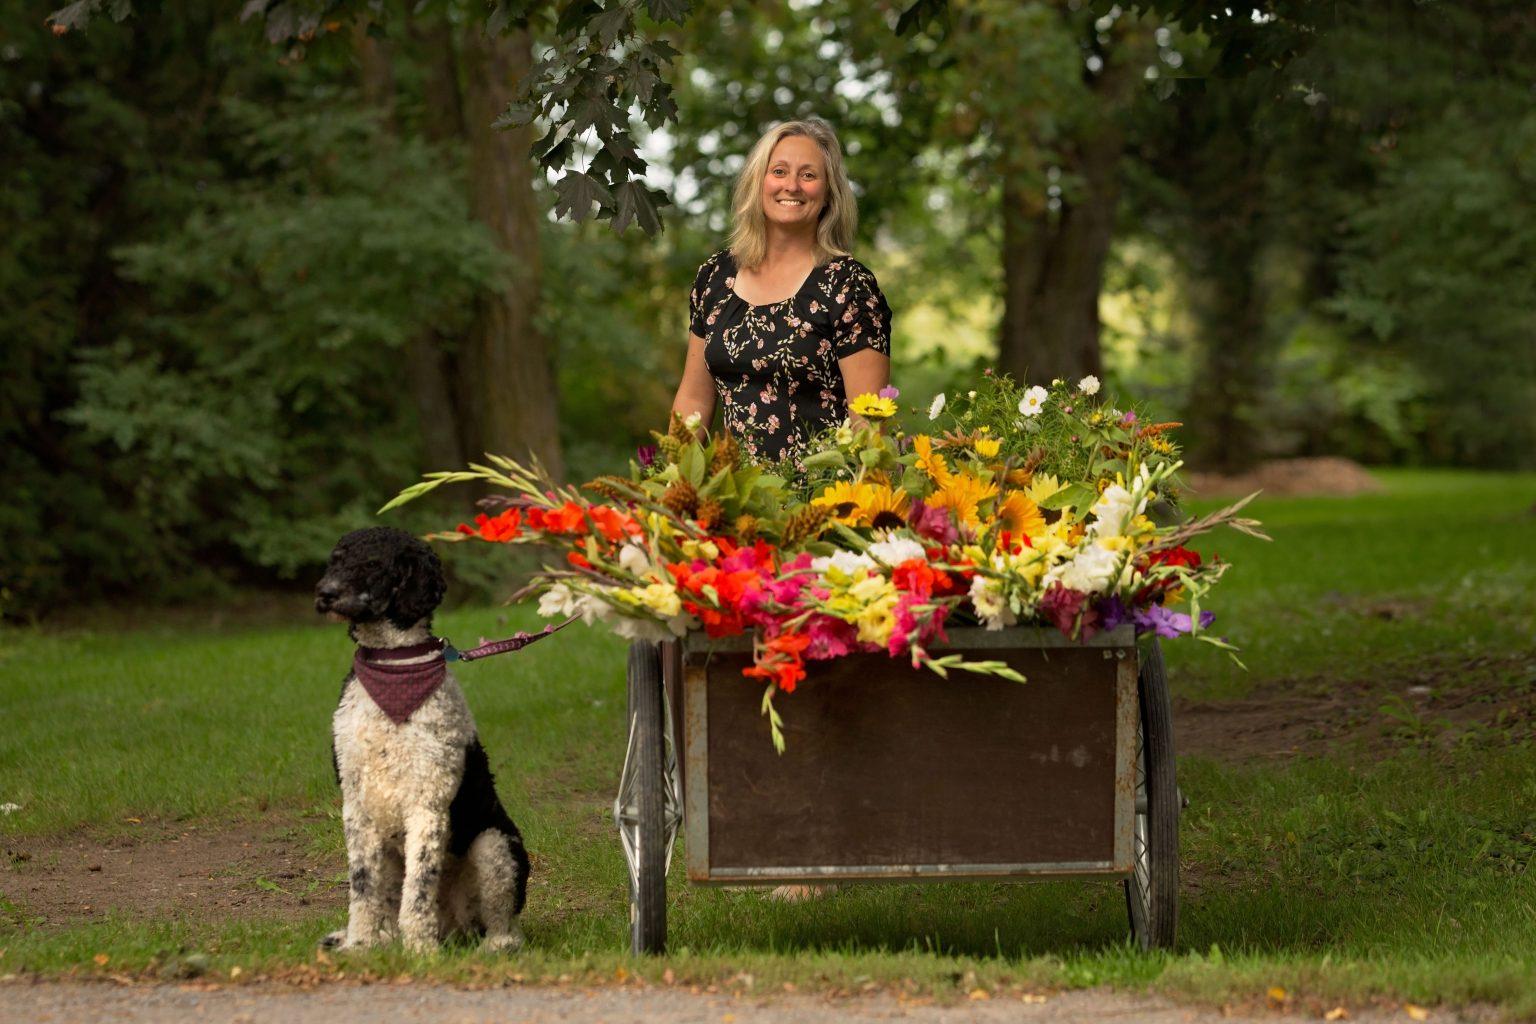 Femme avec fleurs et chien